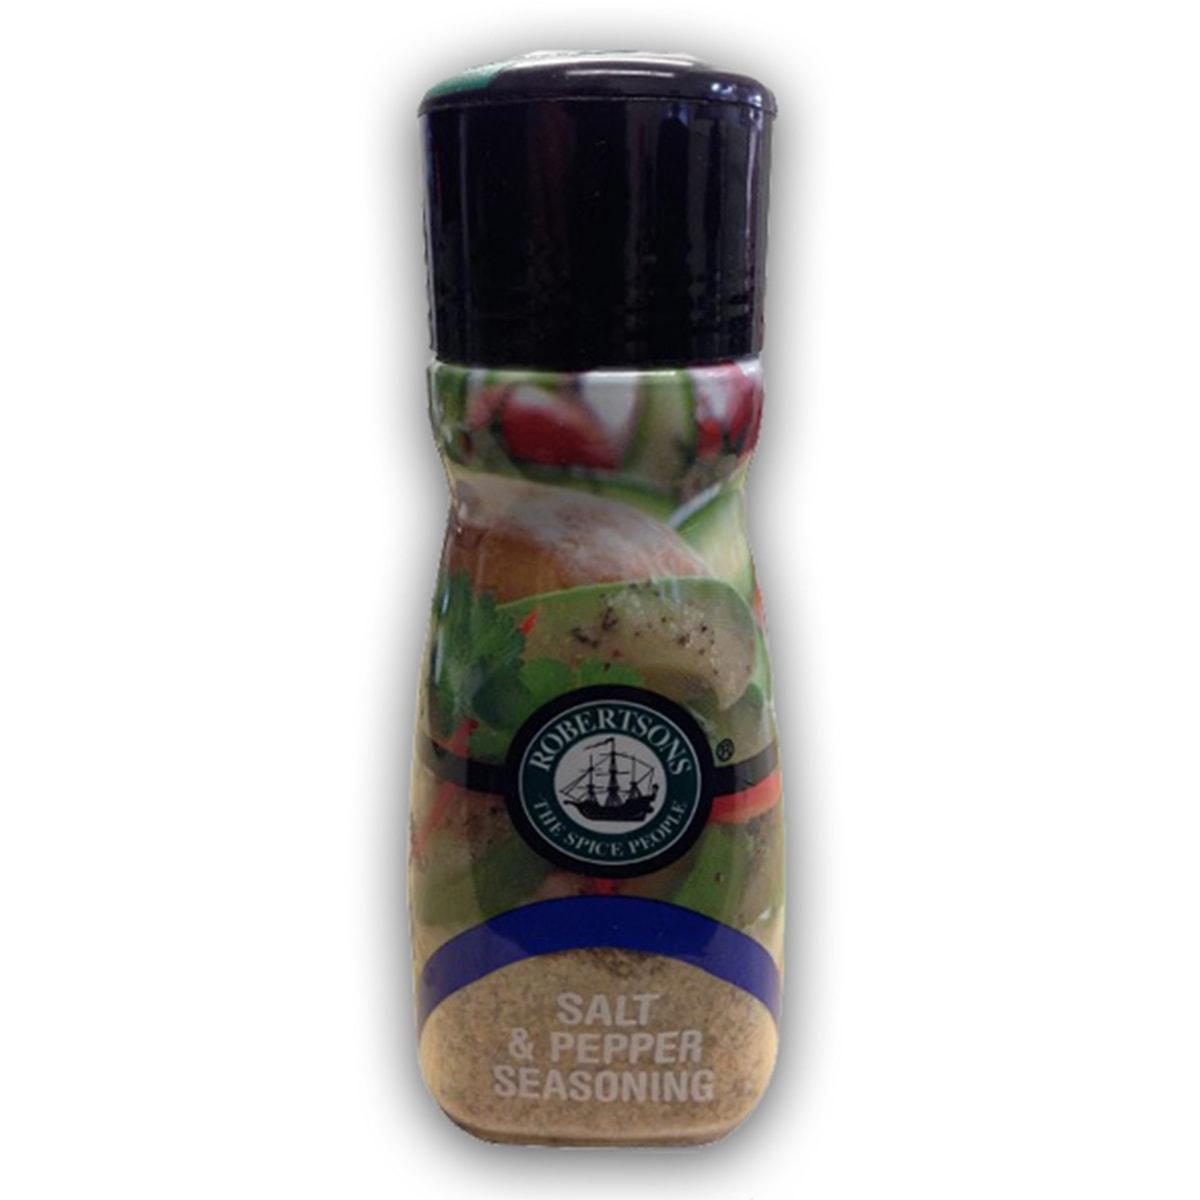 Buy Robertsons Salt and Pepper Seasoning - 200 ml